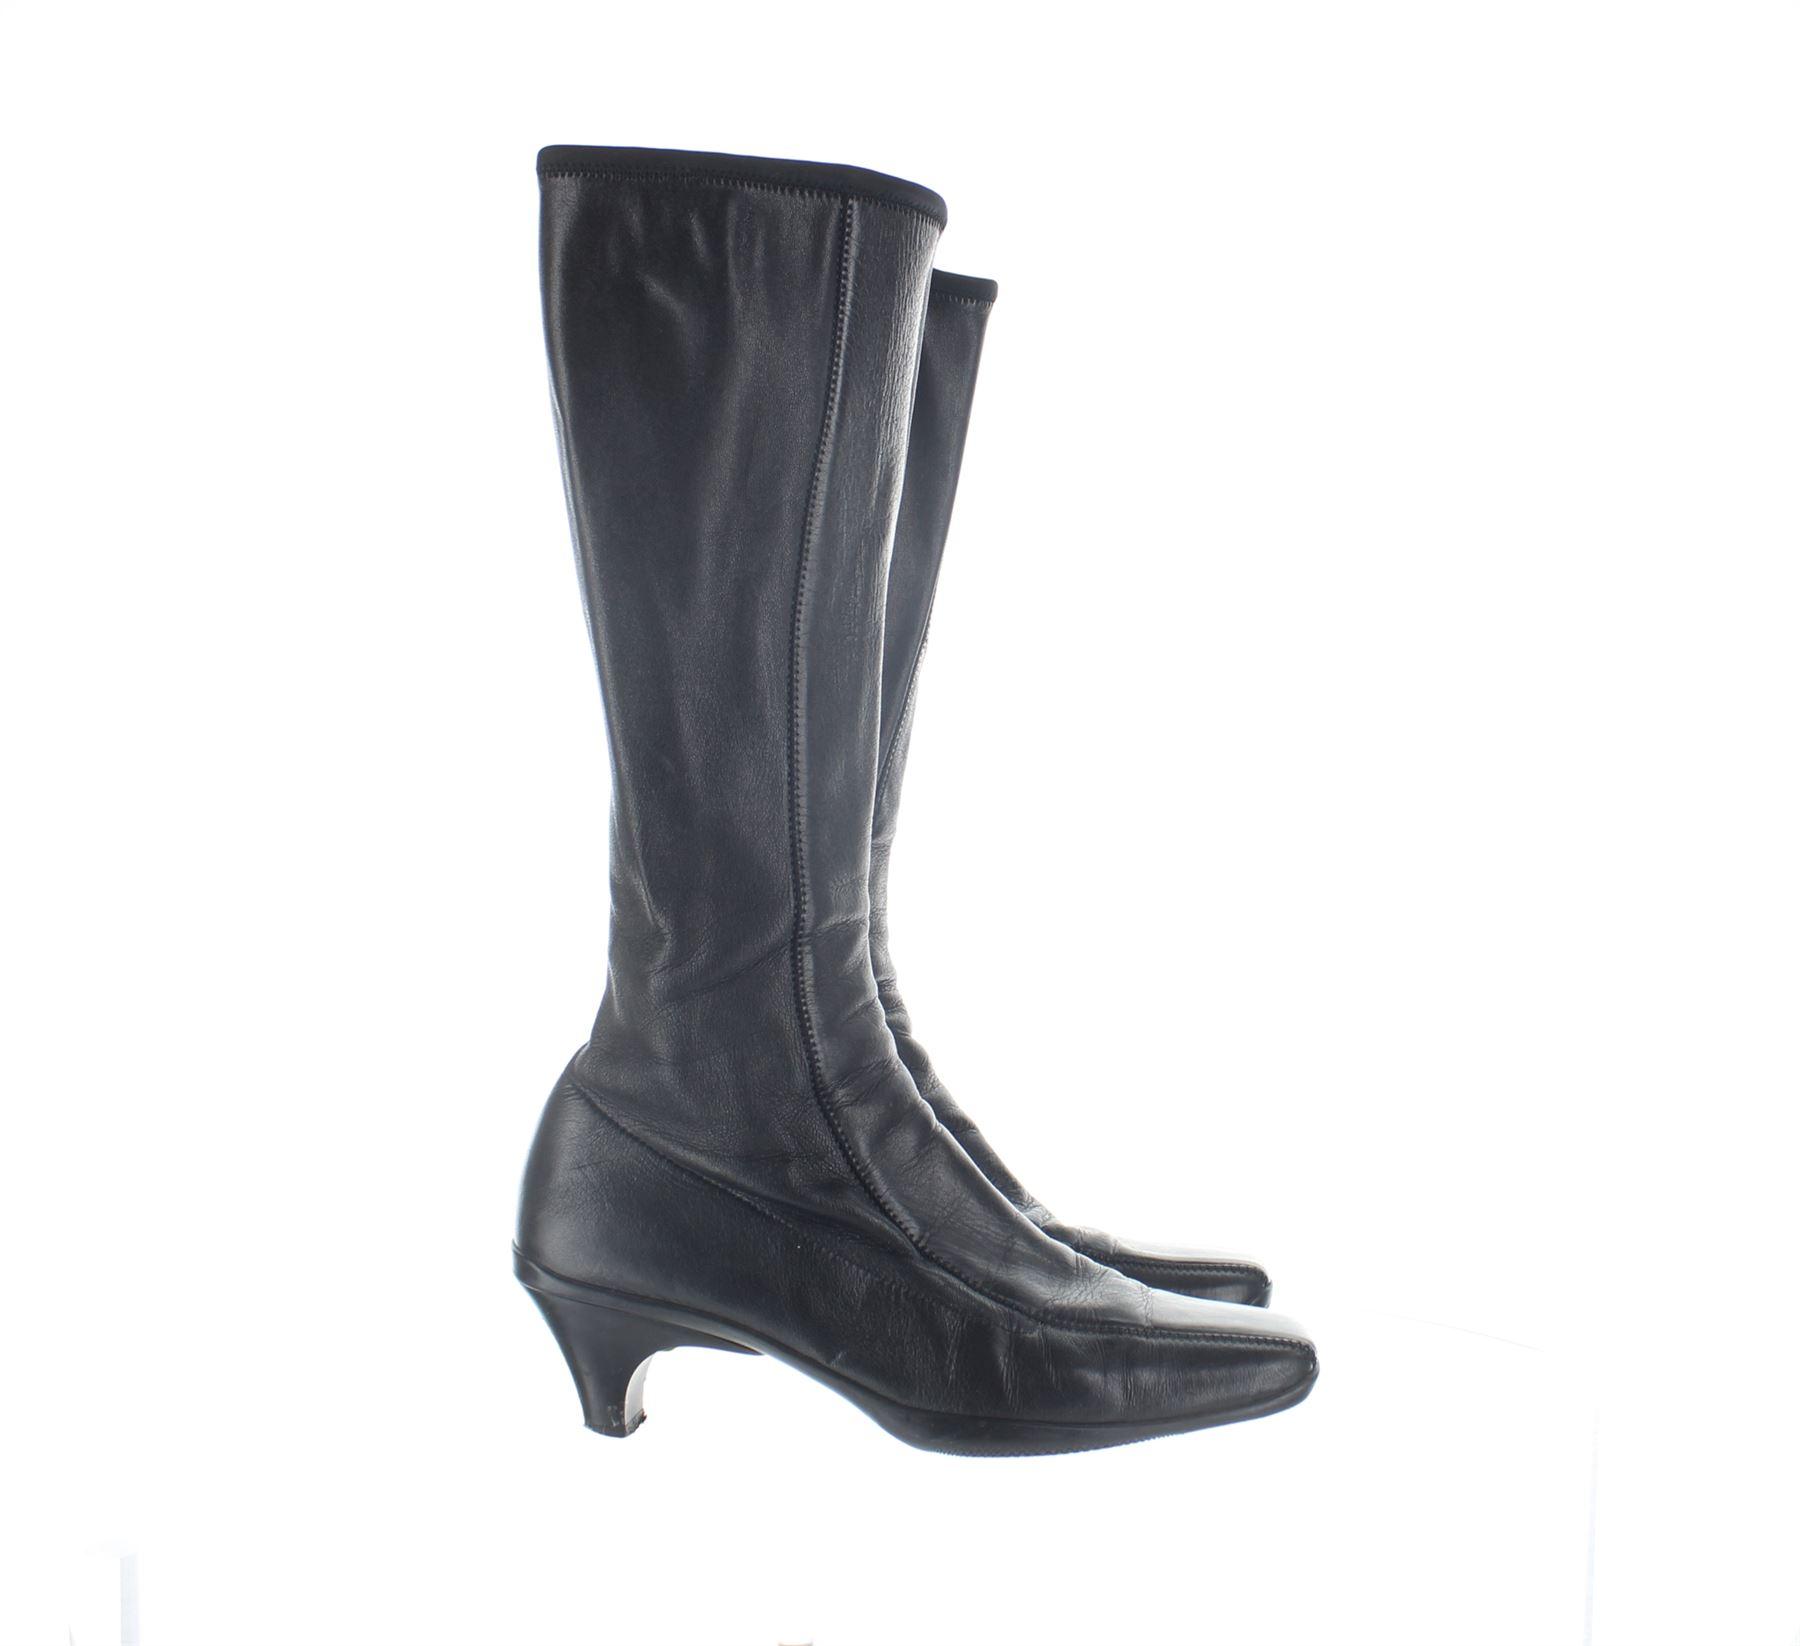 Prada Cuero Negro botas a la rodilla, UK 3.5 nos nos nos 6.5 EU 36.5  Envío rápido y el mejor servicio